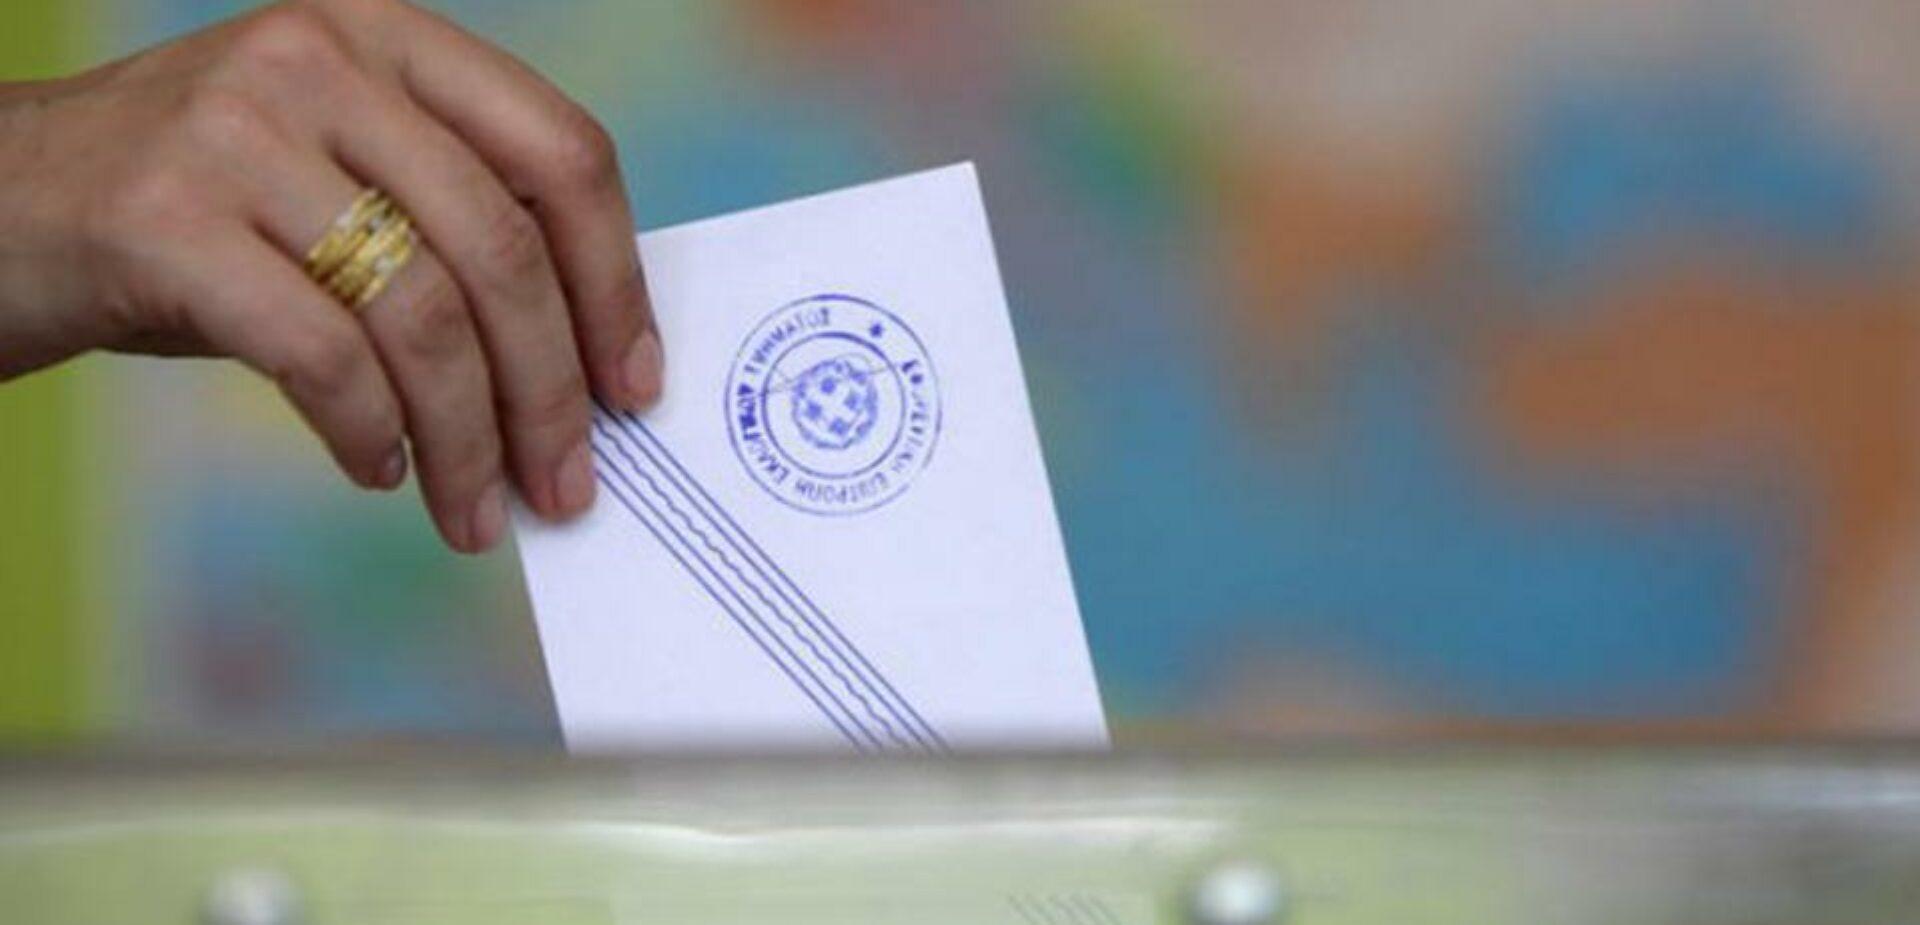 Όλα έτοιμα για την εκλογική διαδικασία της Κυριακής στη Μαγνησία